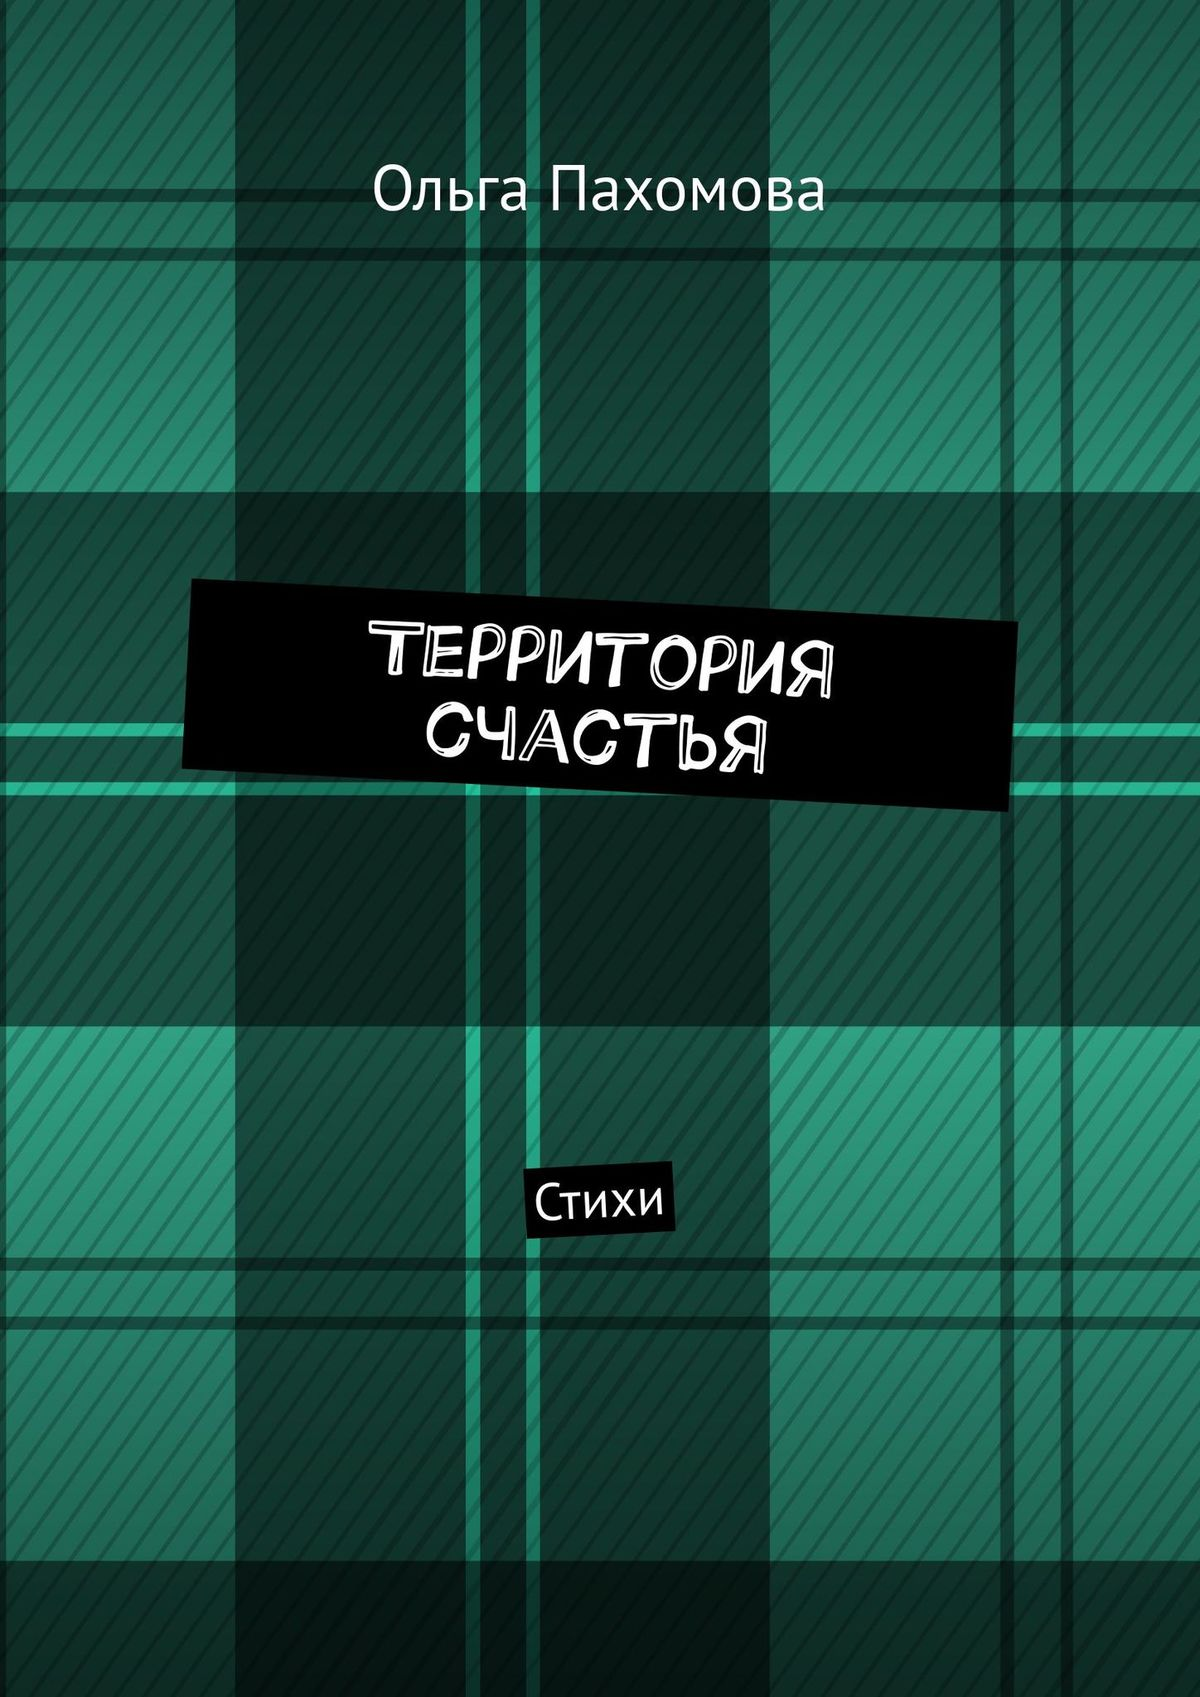 Ольга Пахомова Территория счастья. Стихи